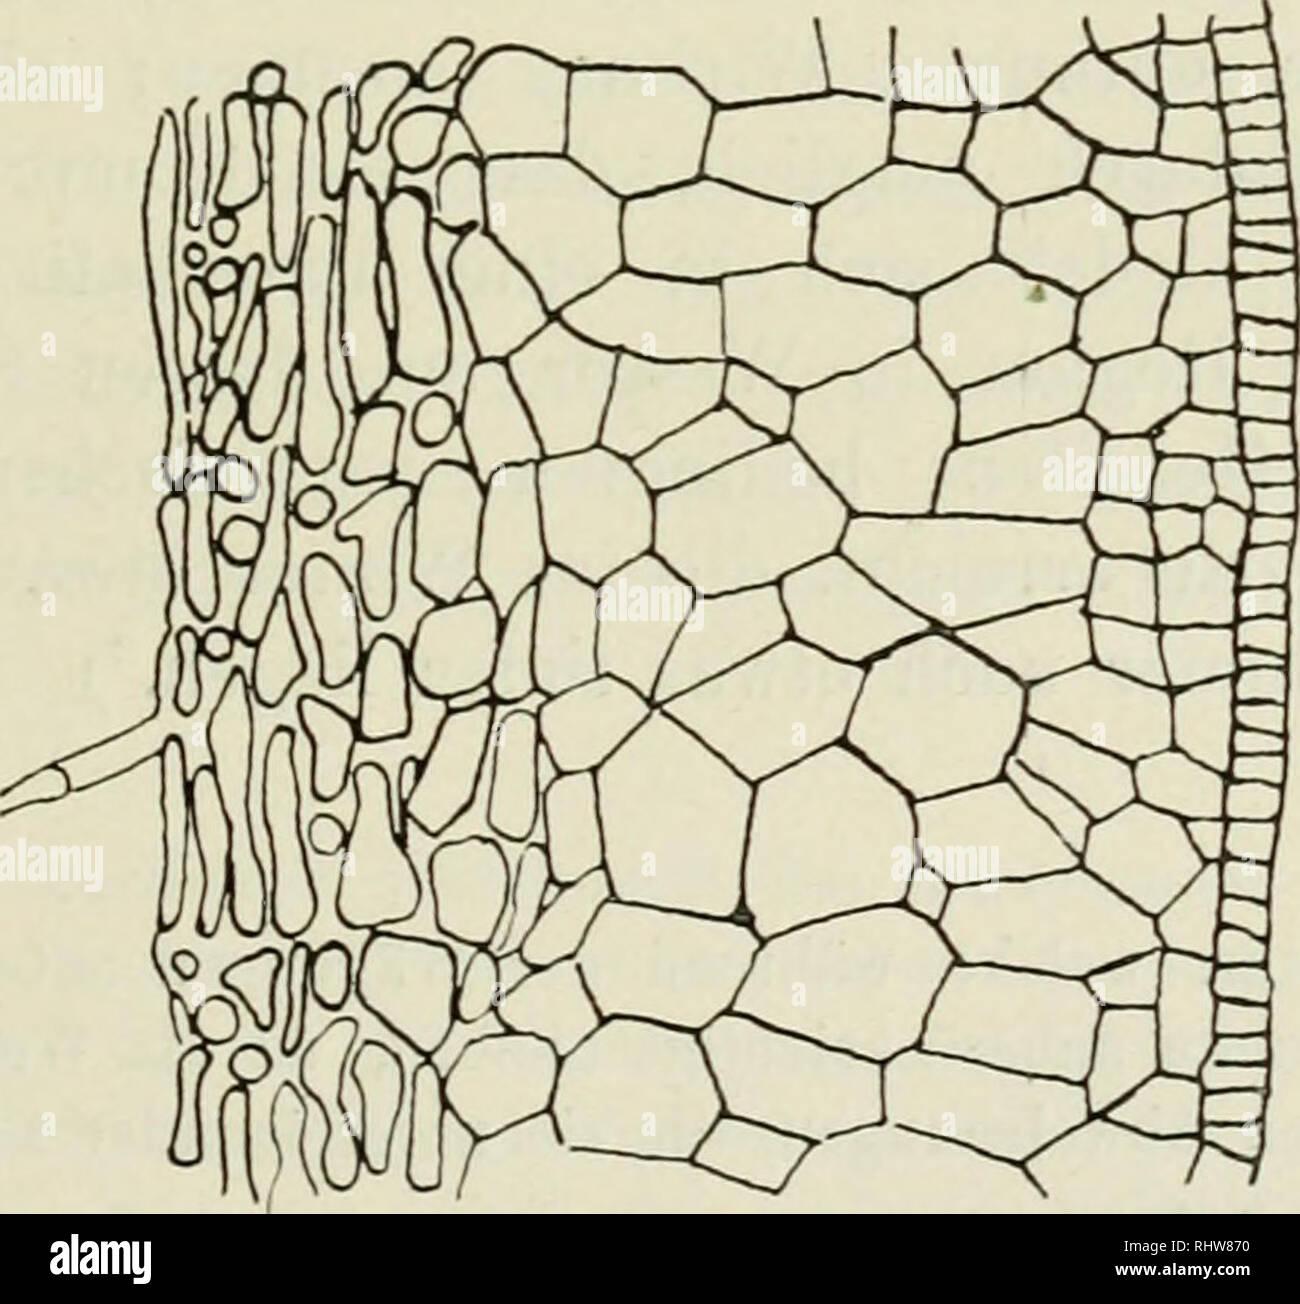 . Berichte der Deutschen Botanischen Gesellschaft. Plants; Plants -- Germany. Fig. 2.. Fig. 3. Ein Blick auf diese Tabellen zeigt zunächst, dass die Werte in den einzelnen Rubriken untereinander grosse Verschiedenheiten aufweisen, schon in der ersten Decimale zeigen sich erhebliche Ab- 2) Vgl. WiEDEMANN und Ebekt, Pbysikal. Praktikum, 1890, S. 64.. Please note that these images are extracted from scanned page images that may have been digitally enhanced for readability - coloration and appearance of these illustrations may not perfectly resemble the original work.. Deutsche Botanische Gesellsc - Stock Image